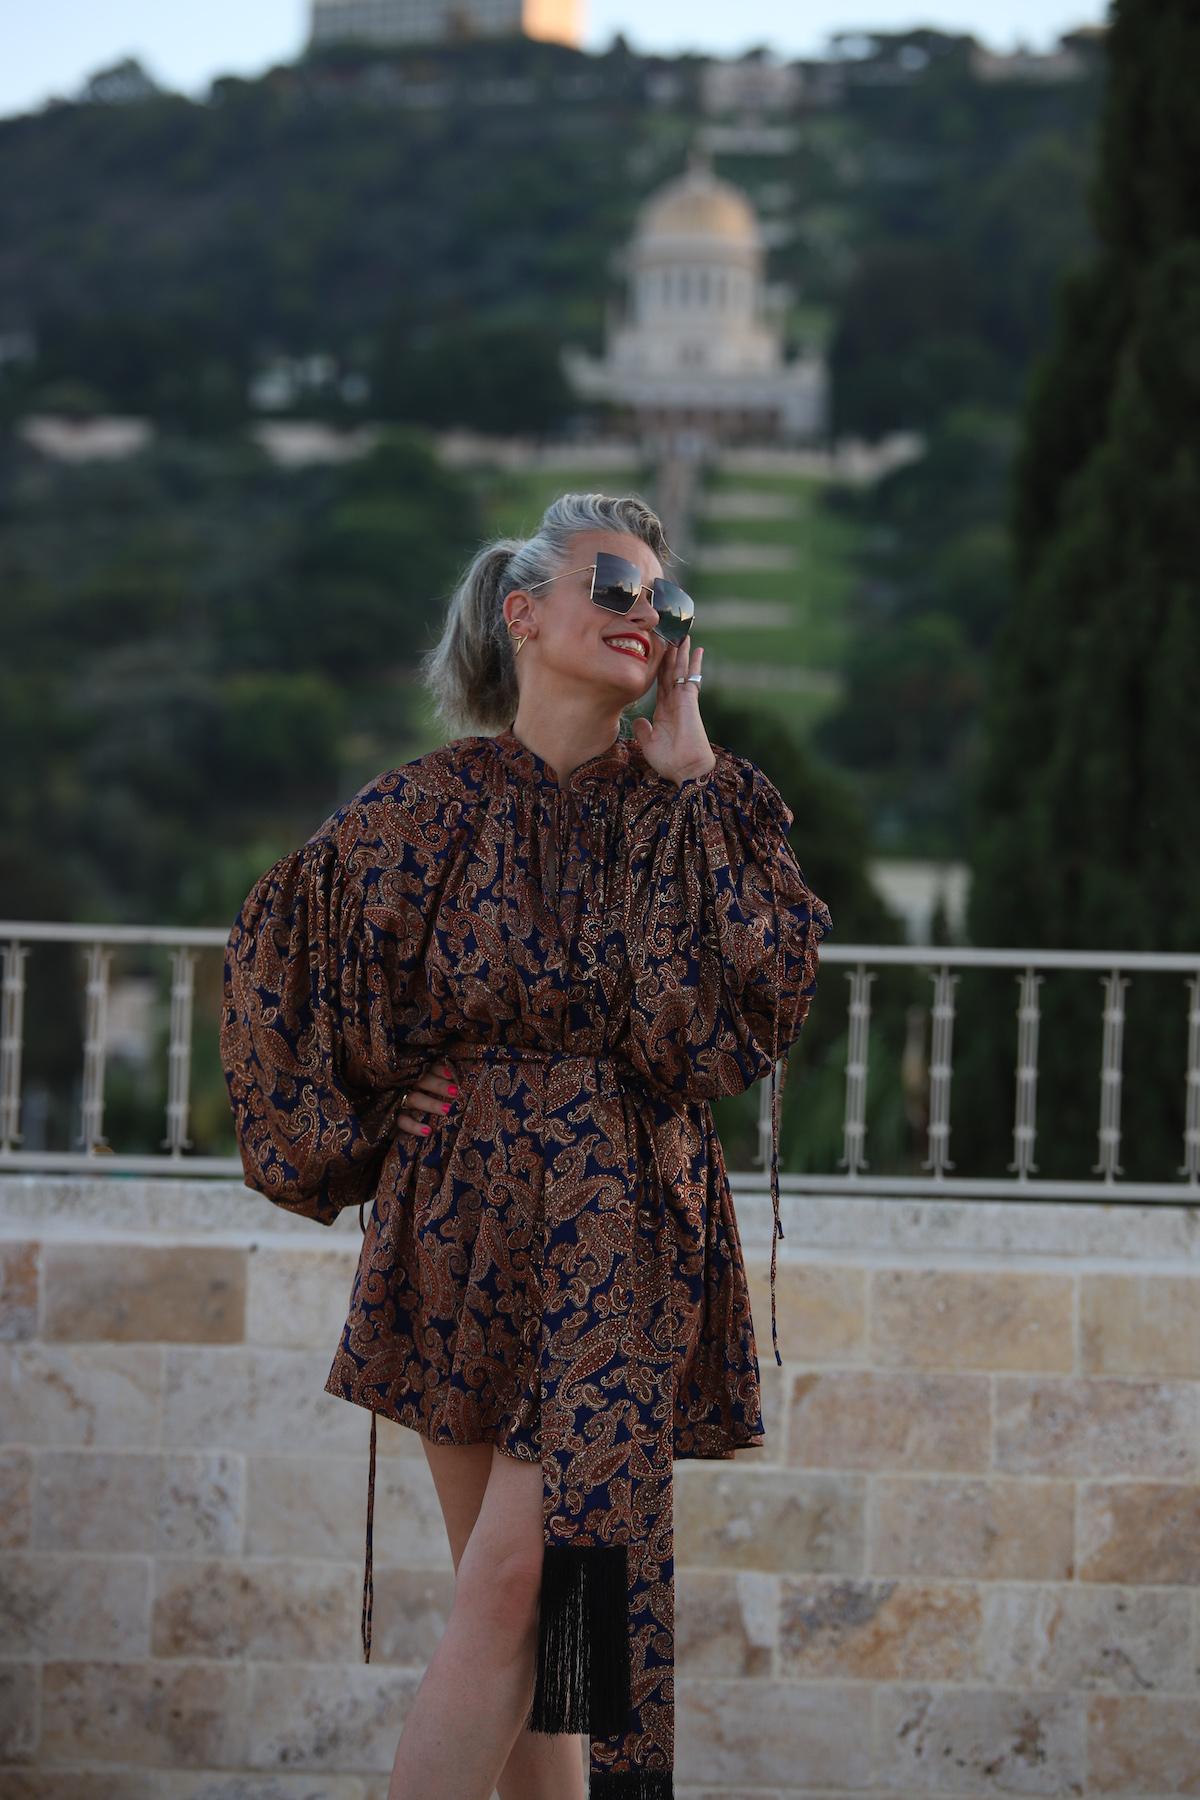 שירי ויצנר חיפאית לובשת אריאל טולדנו שמלת סולטנה עגילים רובי סטאר אתר מארק אופנה ישראלית15